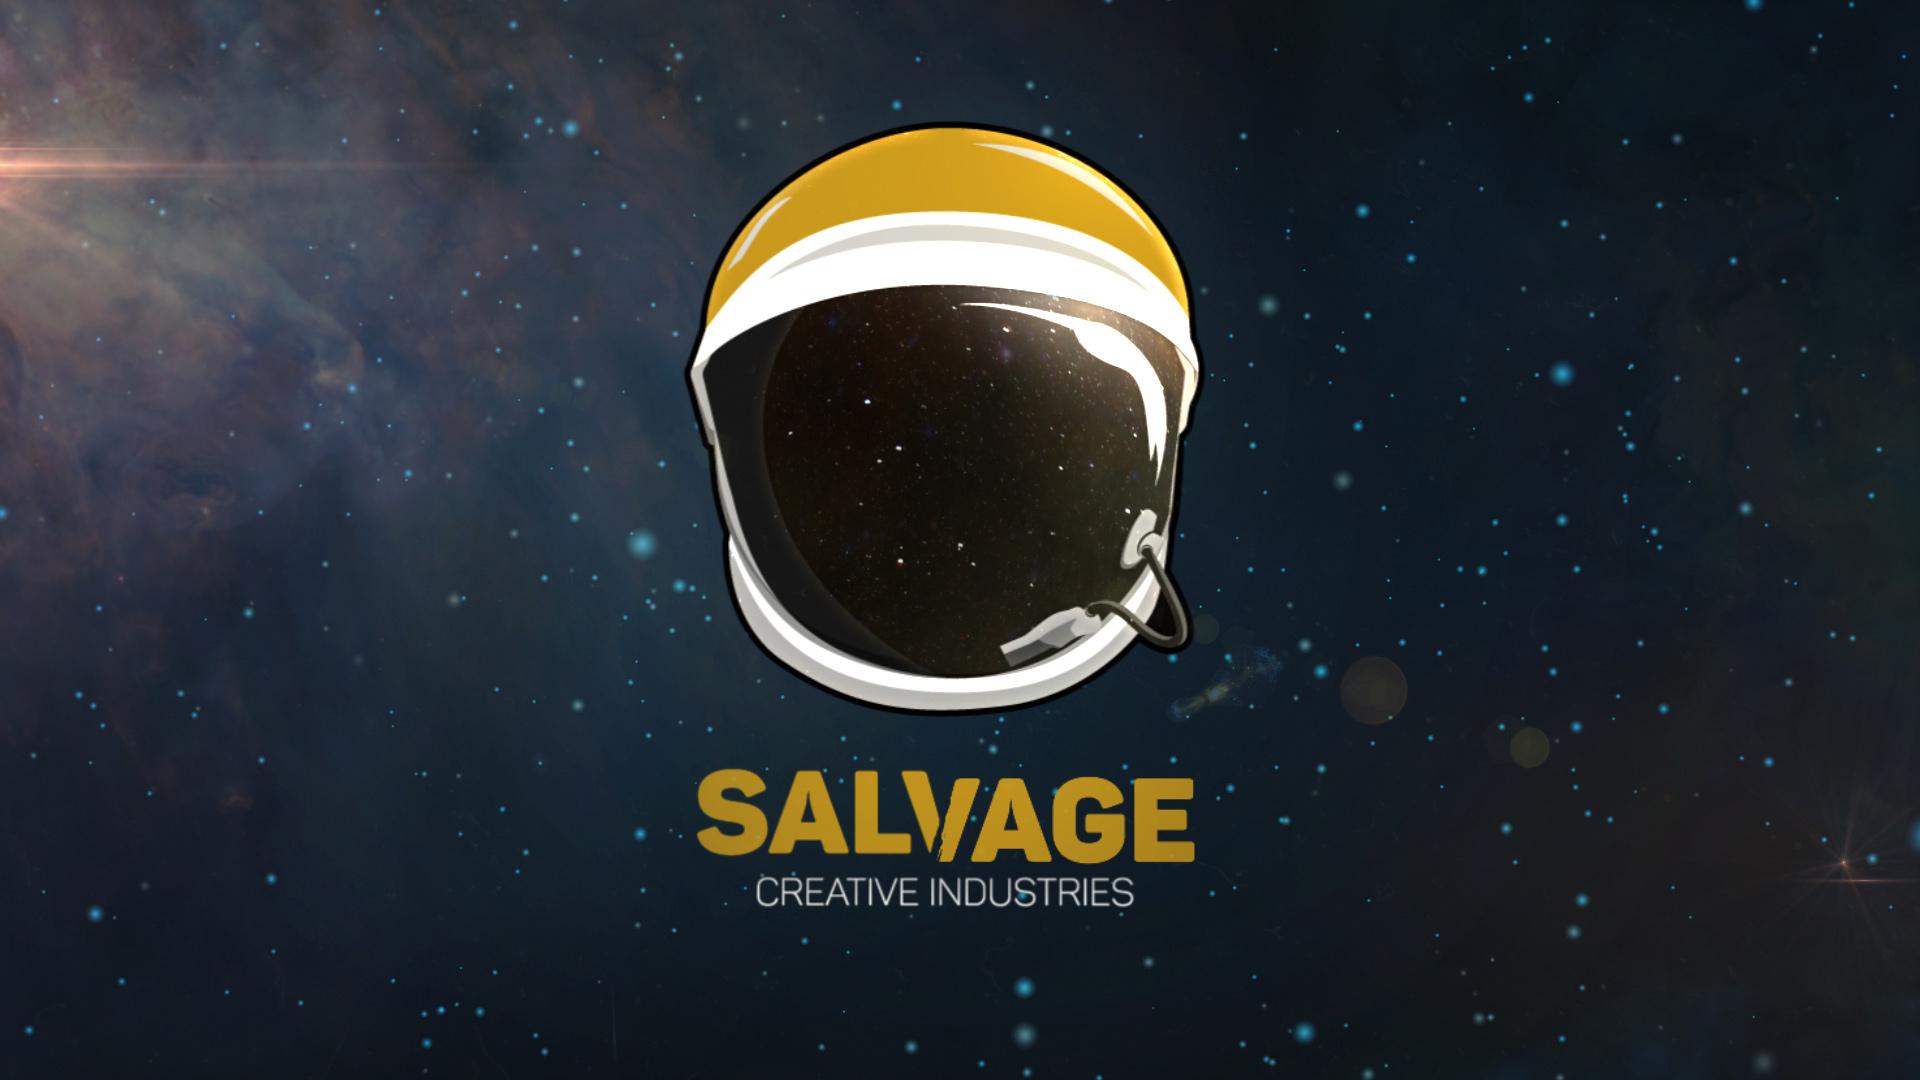 salvage-creative-helmet-animation.jpg